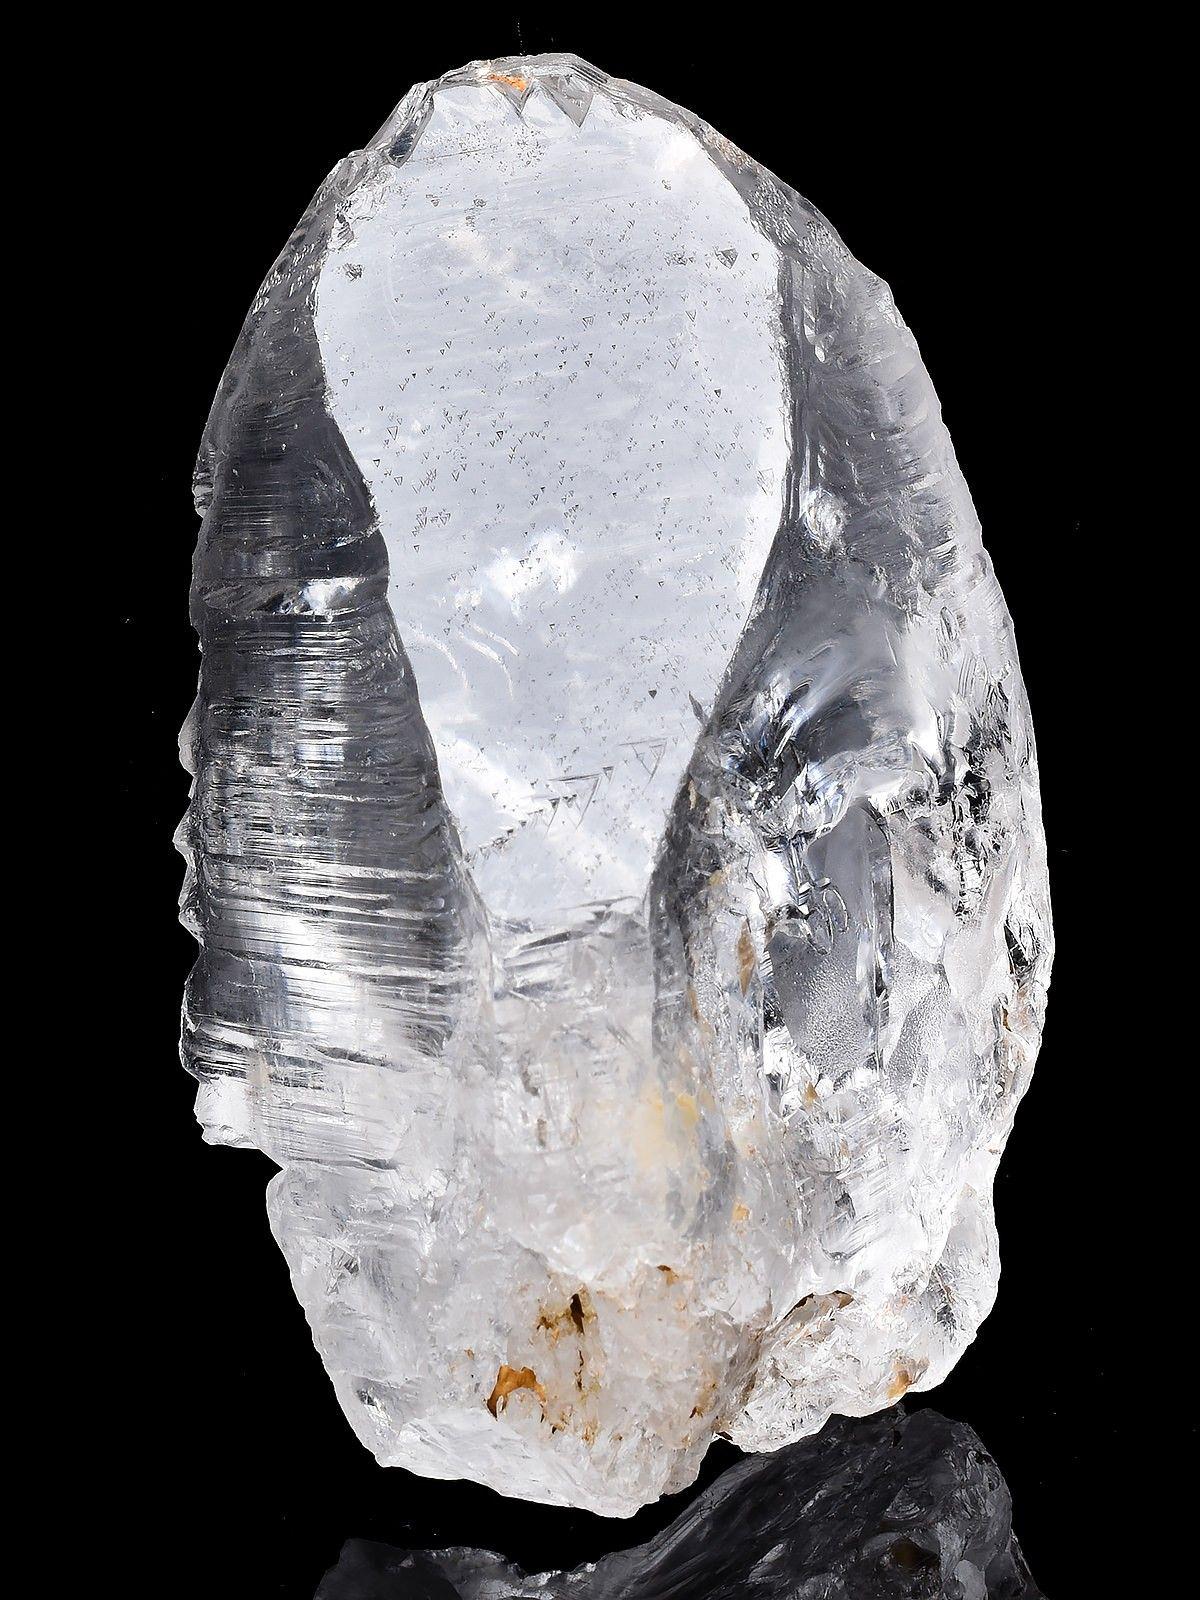 Trigonic Quartz | Minerals, gemstones, Natural crystals ...Quartz Crystal Science